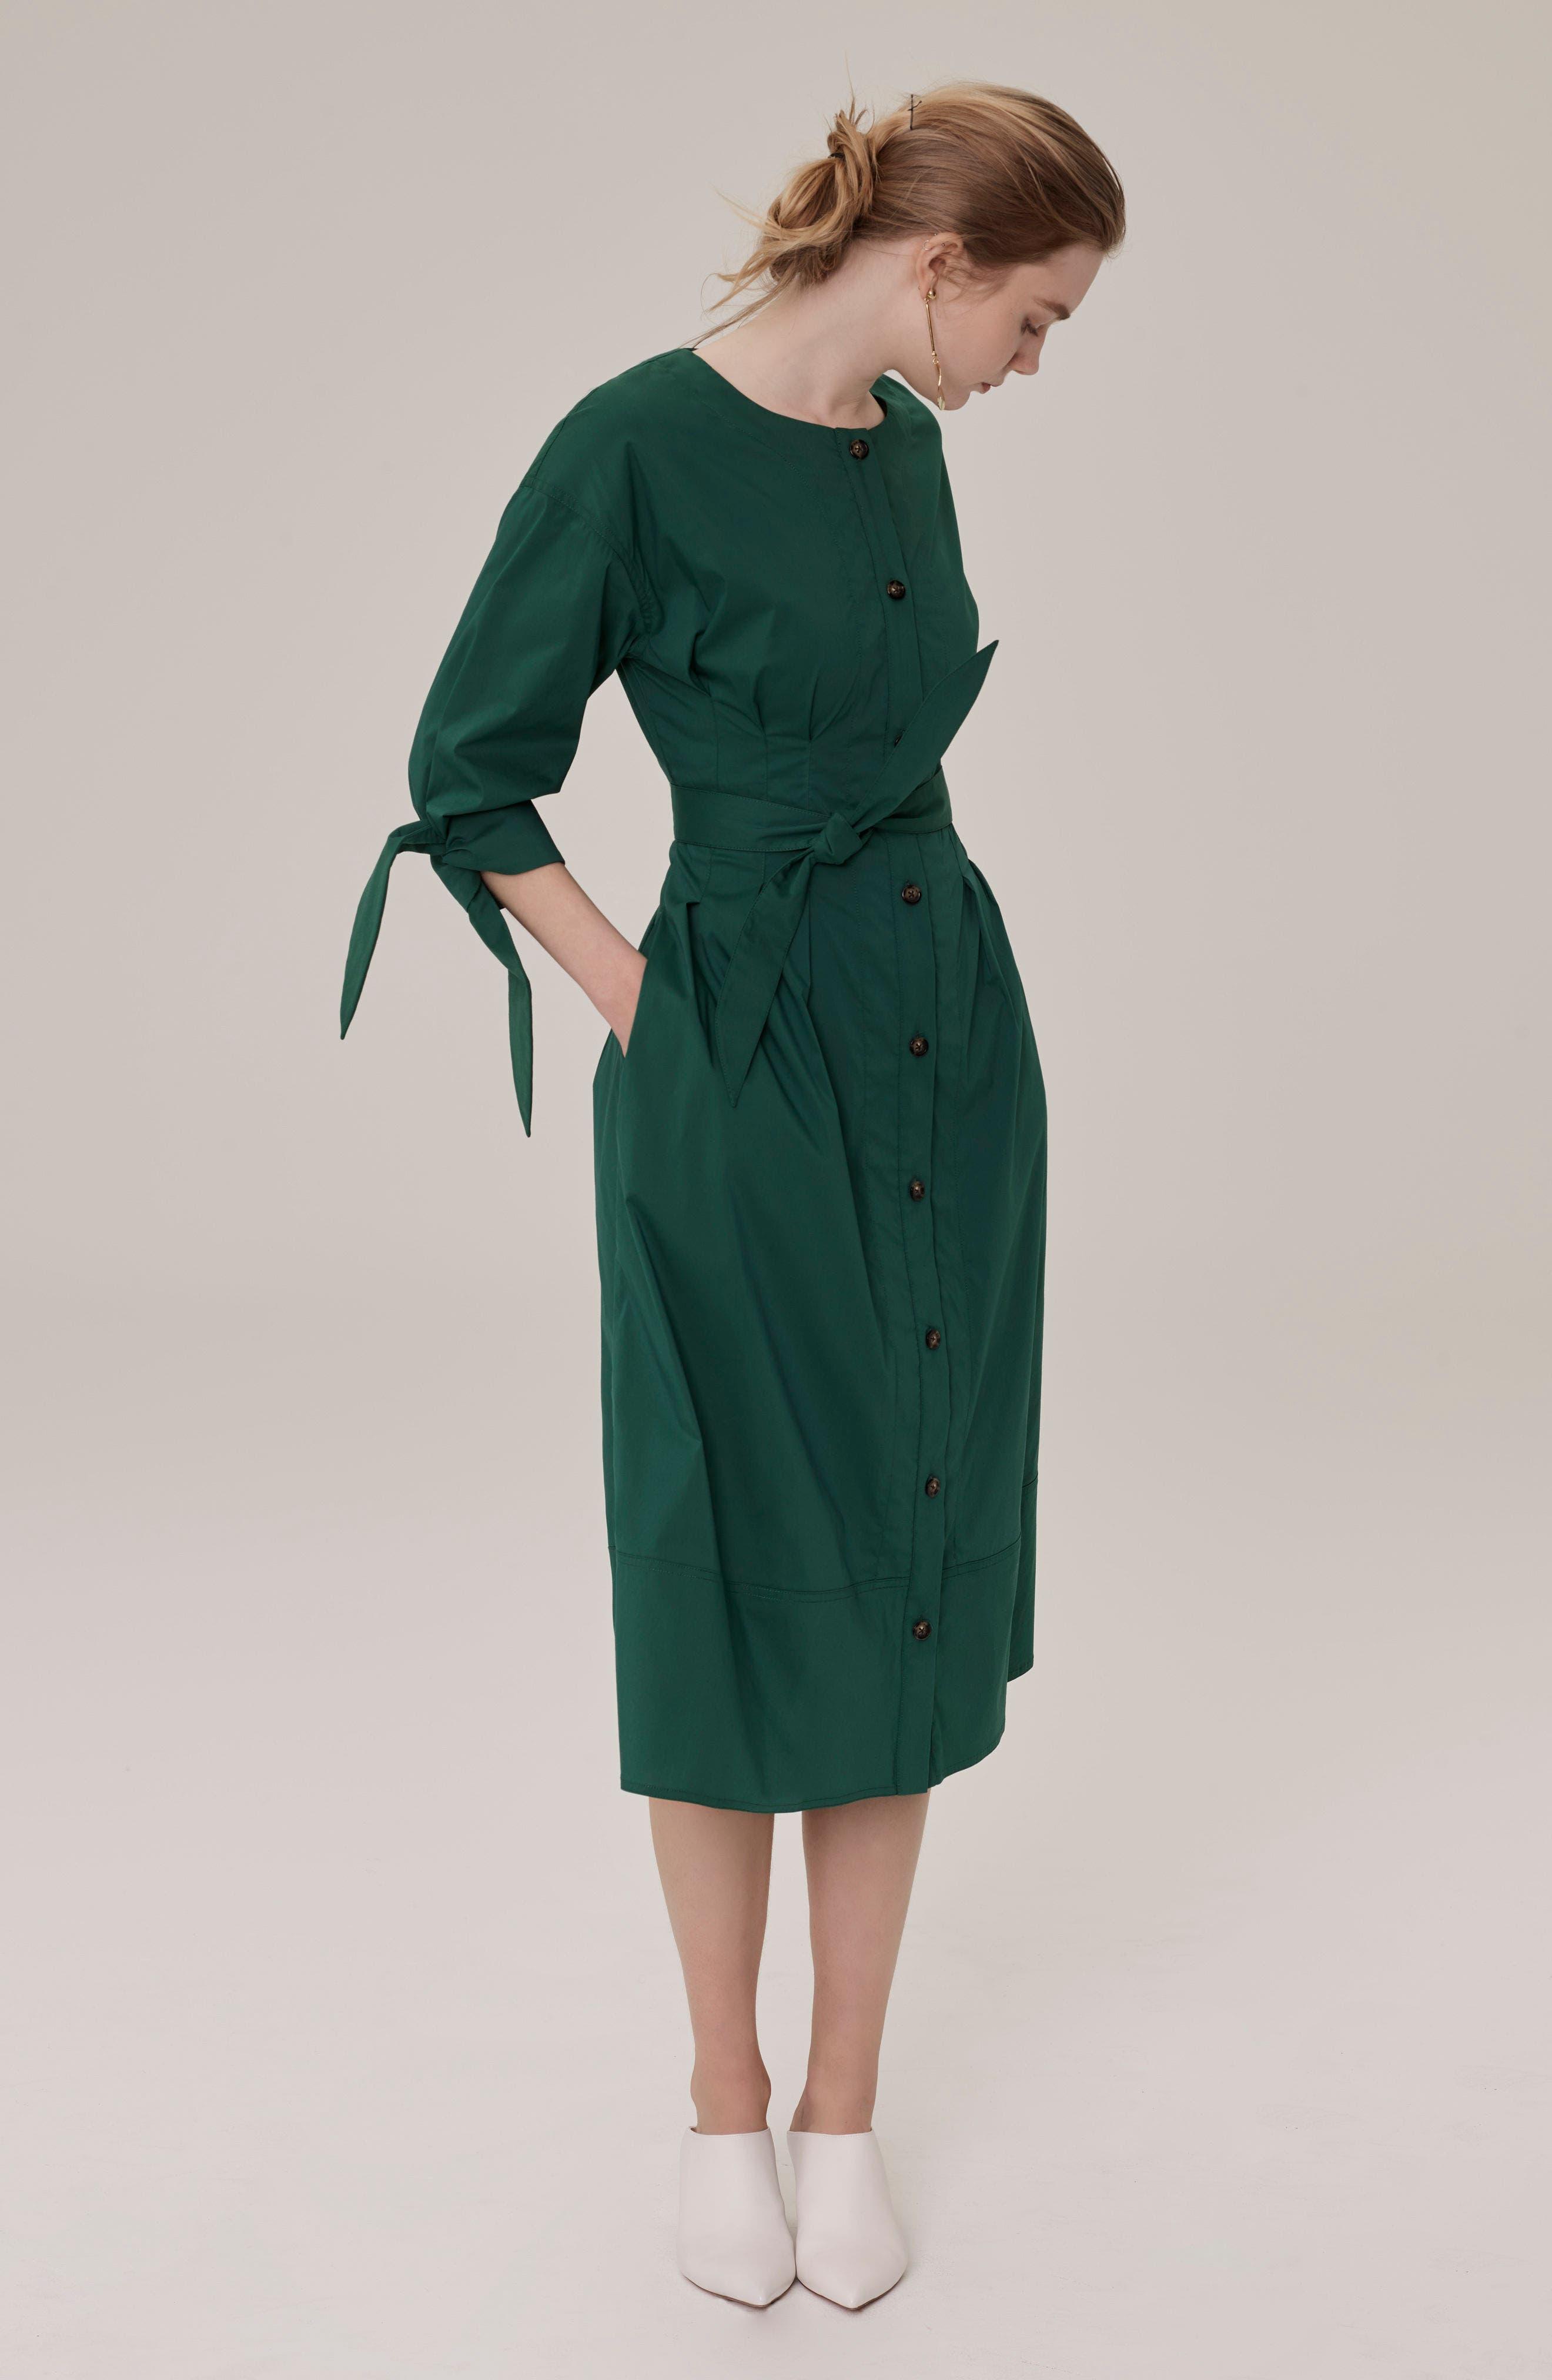 Cotton Blend Tie Dress,                             Alternate thumbnail 2, color,                             Emerald